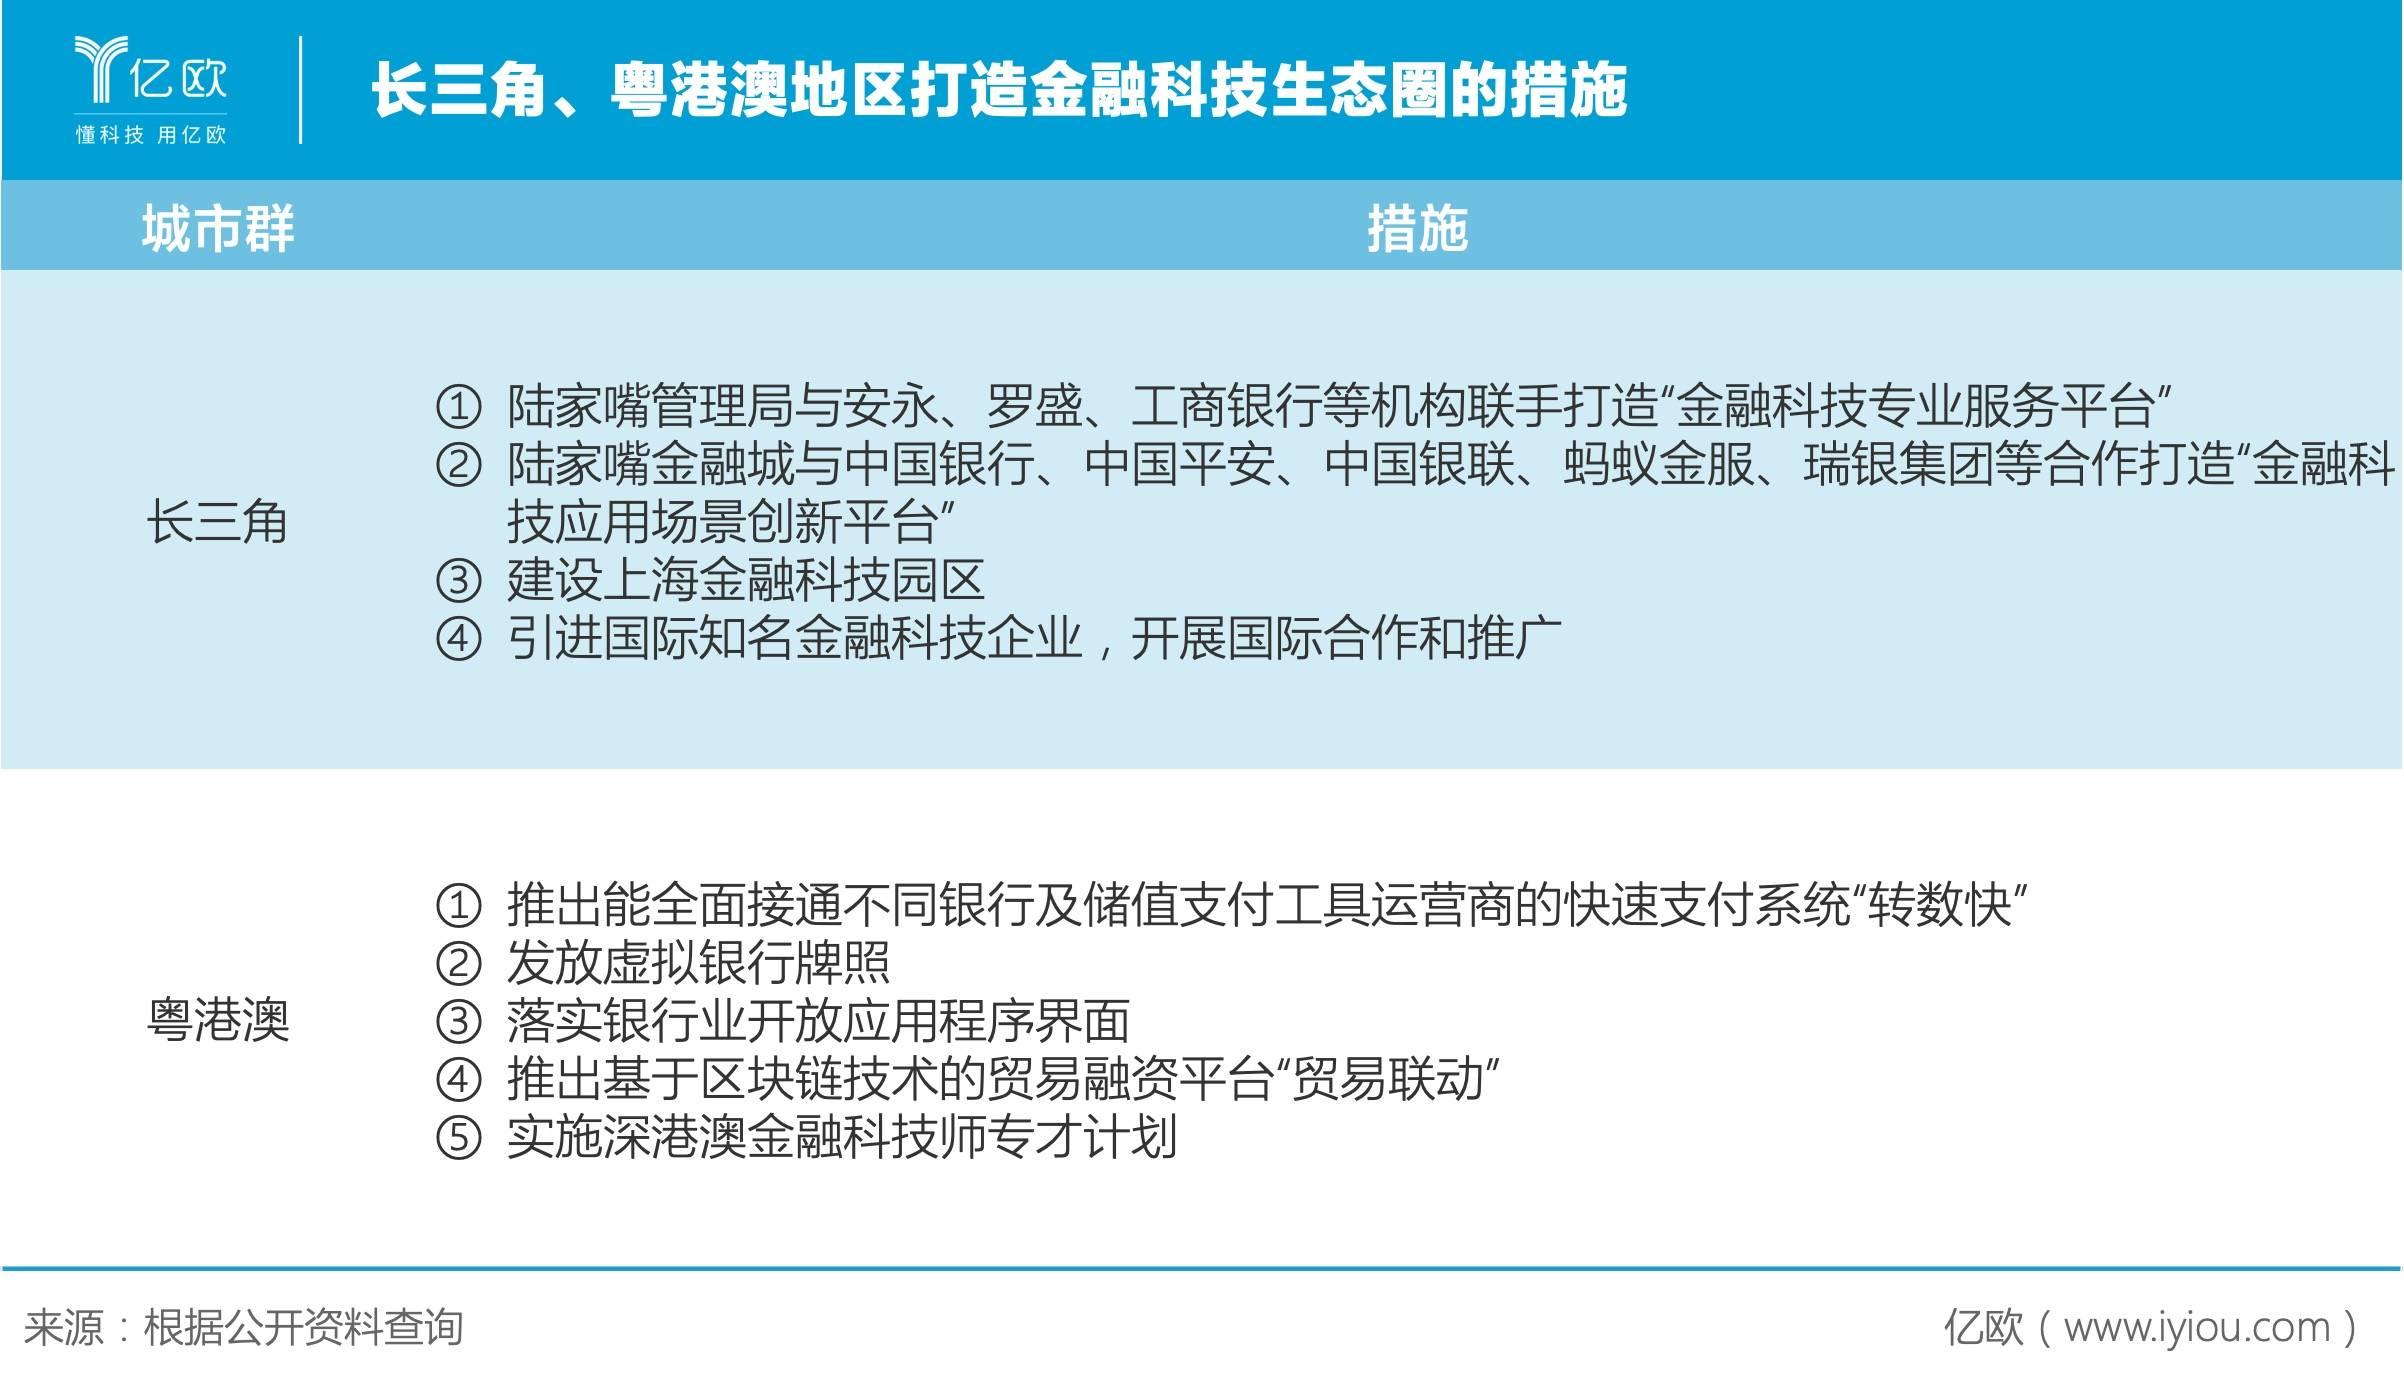 长三角、粤港澳地区打造金融科技生态圈的措施.jpeg